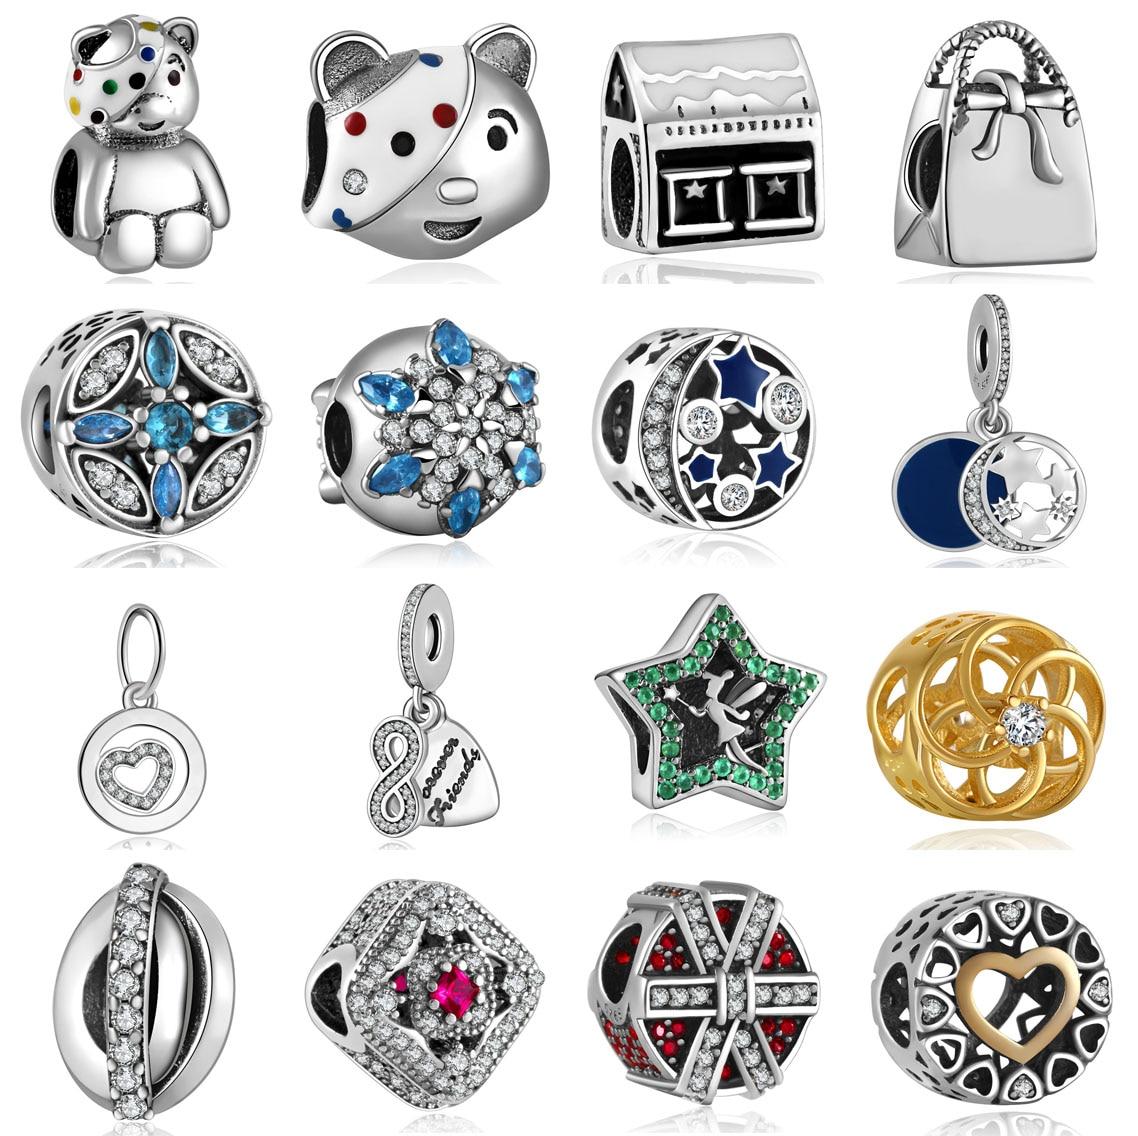 forró 925 ezüst európai köbméter cirkónia gyöngy gyöngyök illik Pandora stílus karkötő medál nyaklánc DIY ékszer eredetik